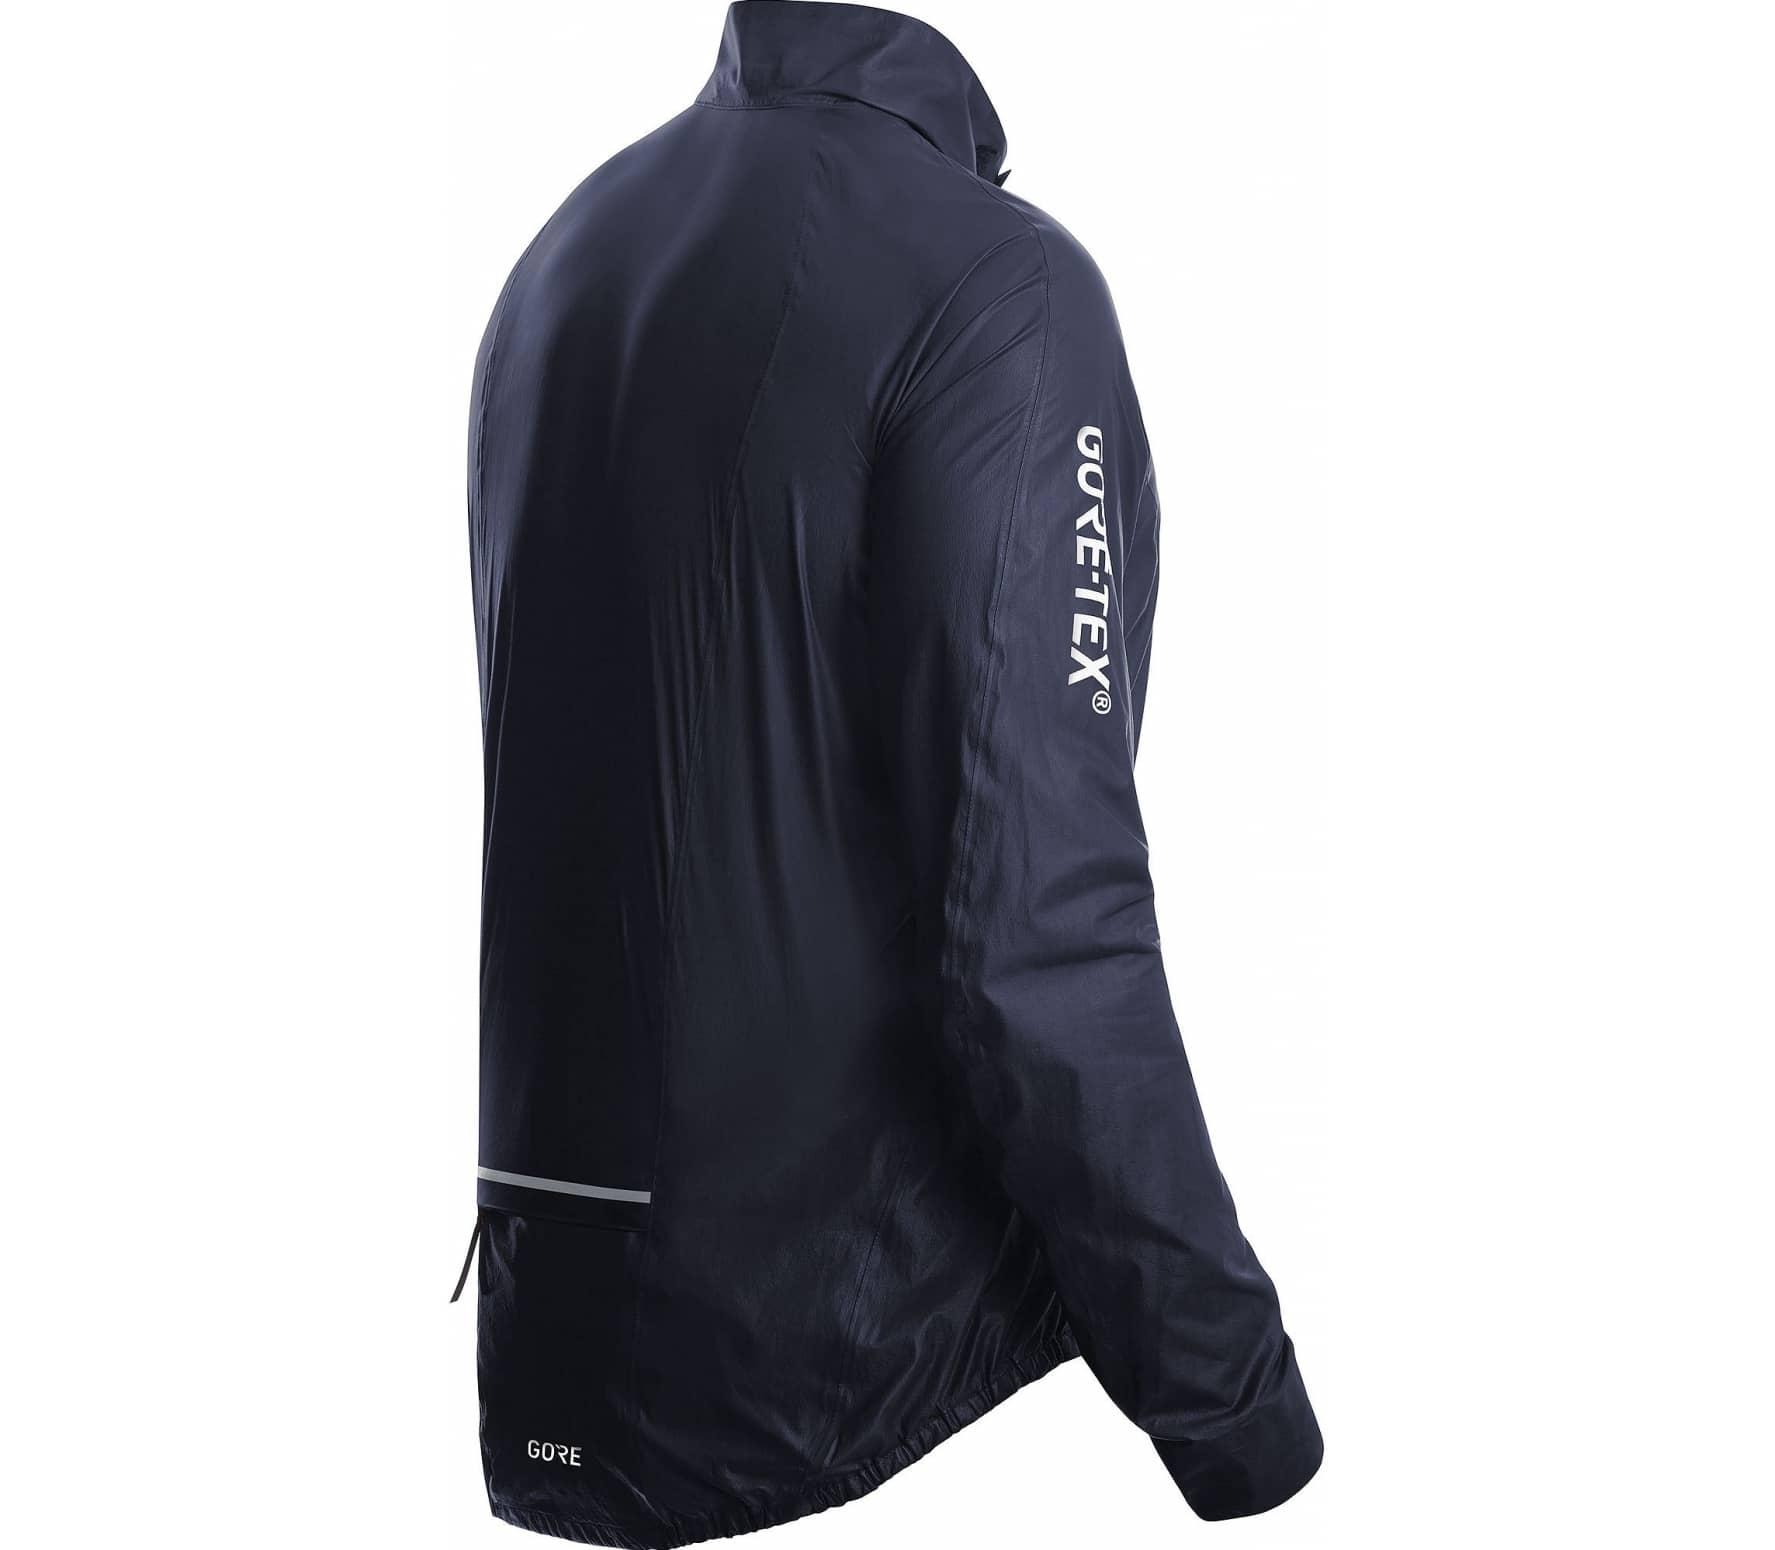 GORE® Wear - C5 Goretex Shakedry 1985 Viz Herren Bike Jacke (dunkelblau)